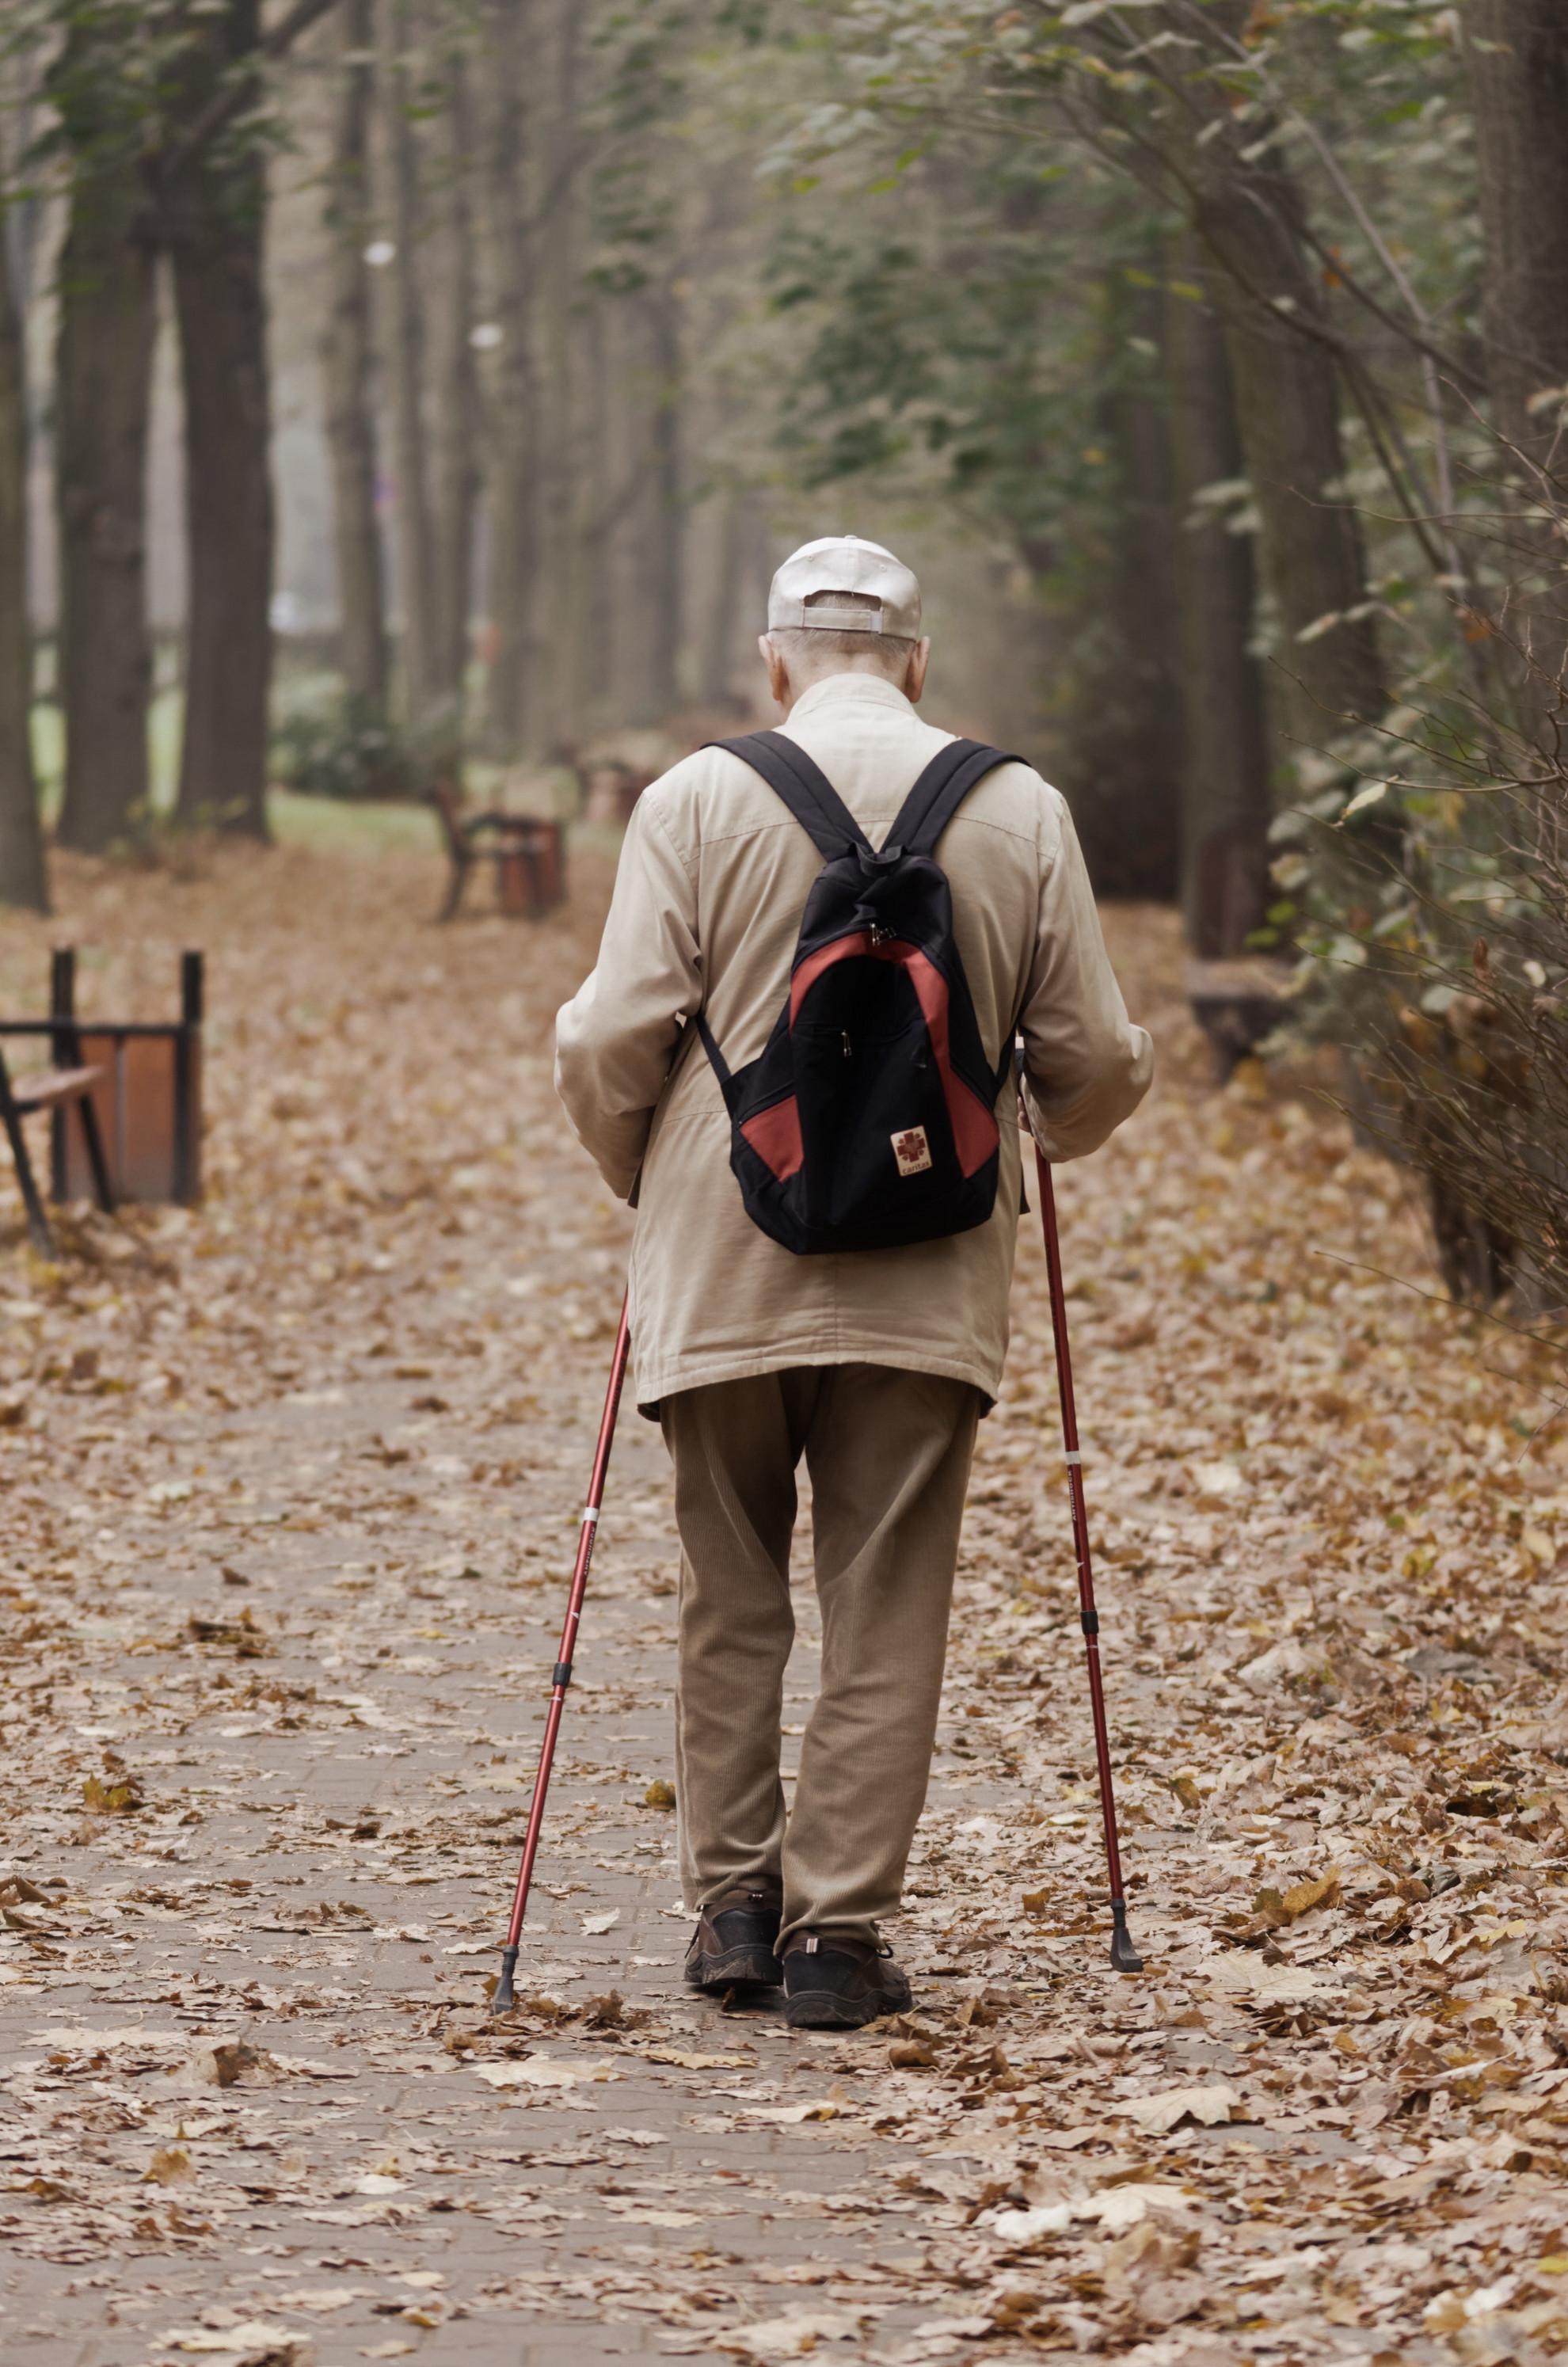 Ha sokáig szeretnénk egészségben élni, a mozgás a mindennapjaink része kell legyen